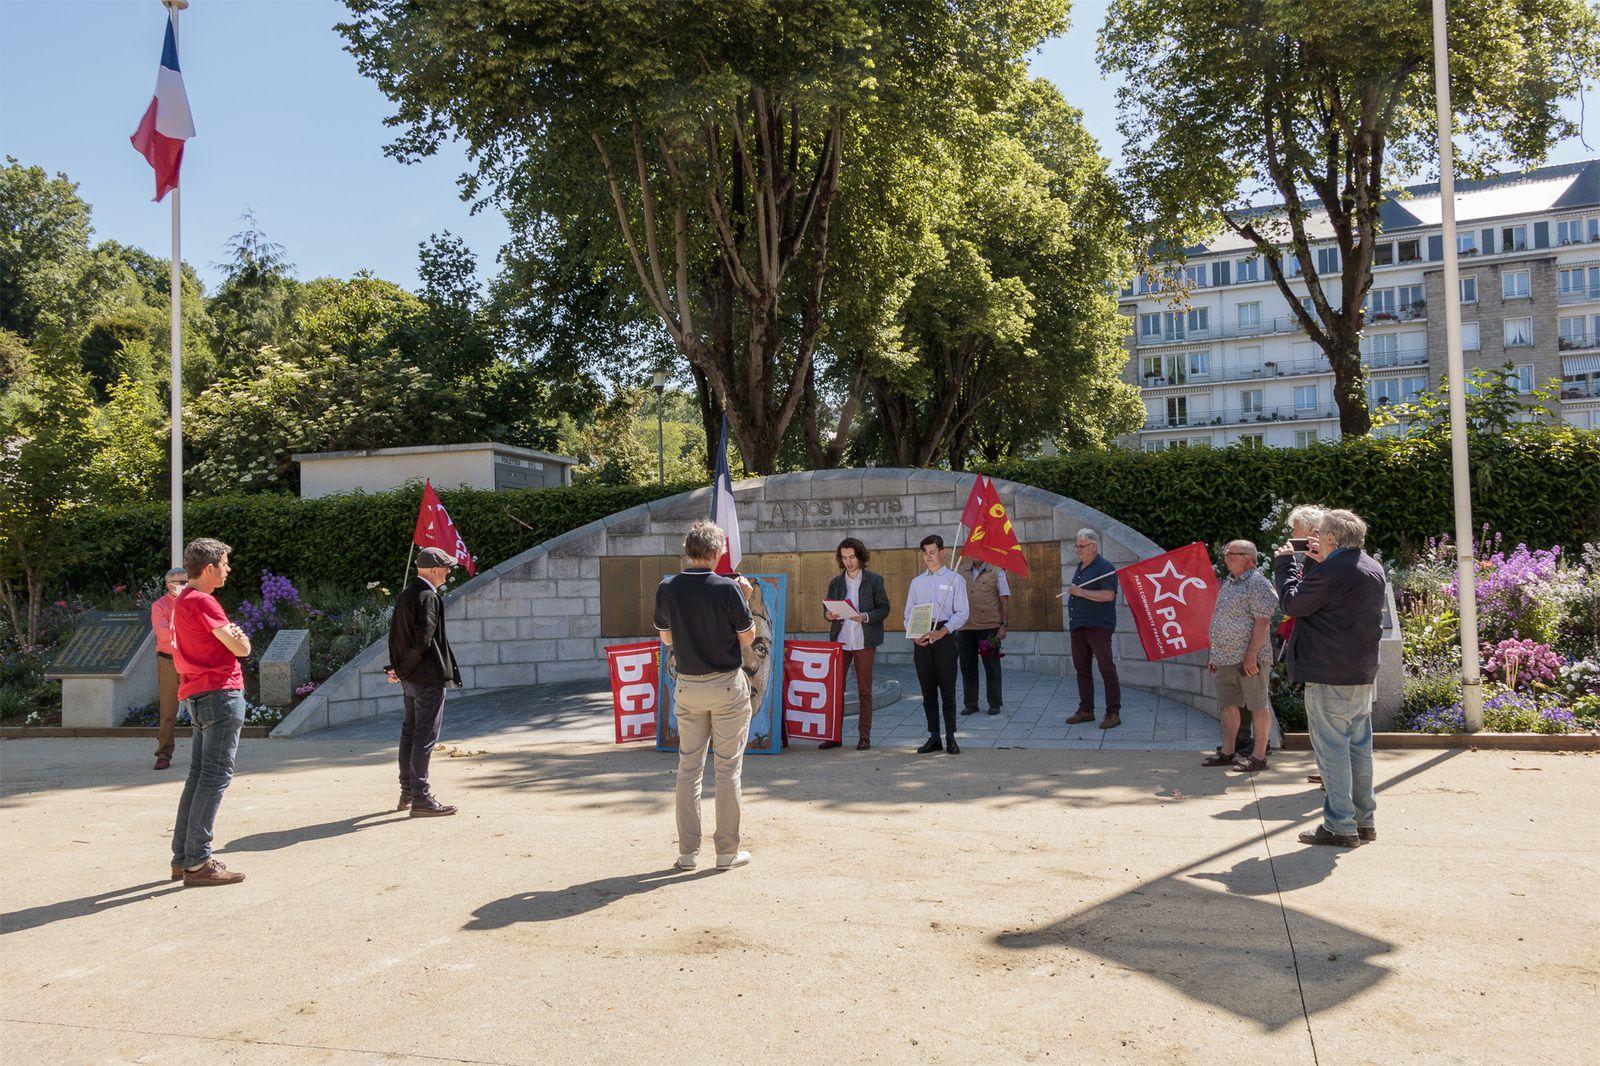 Photo Rodolphe Thirard - Rassemblement du PCF square de la Résistance à Morlaix, 27 mai 2020 - Journée Nationale de la résistance